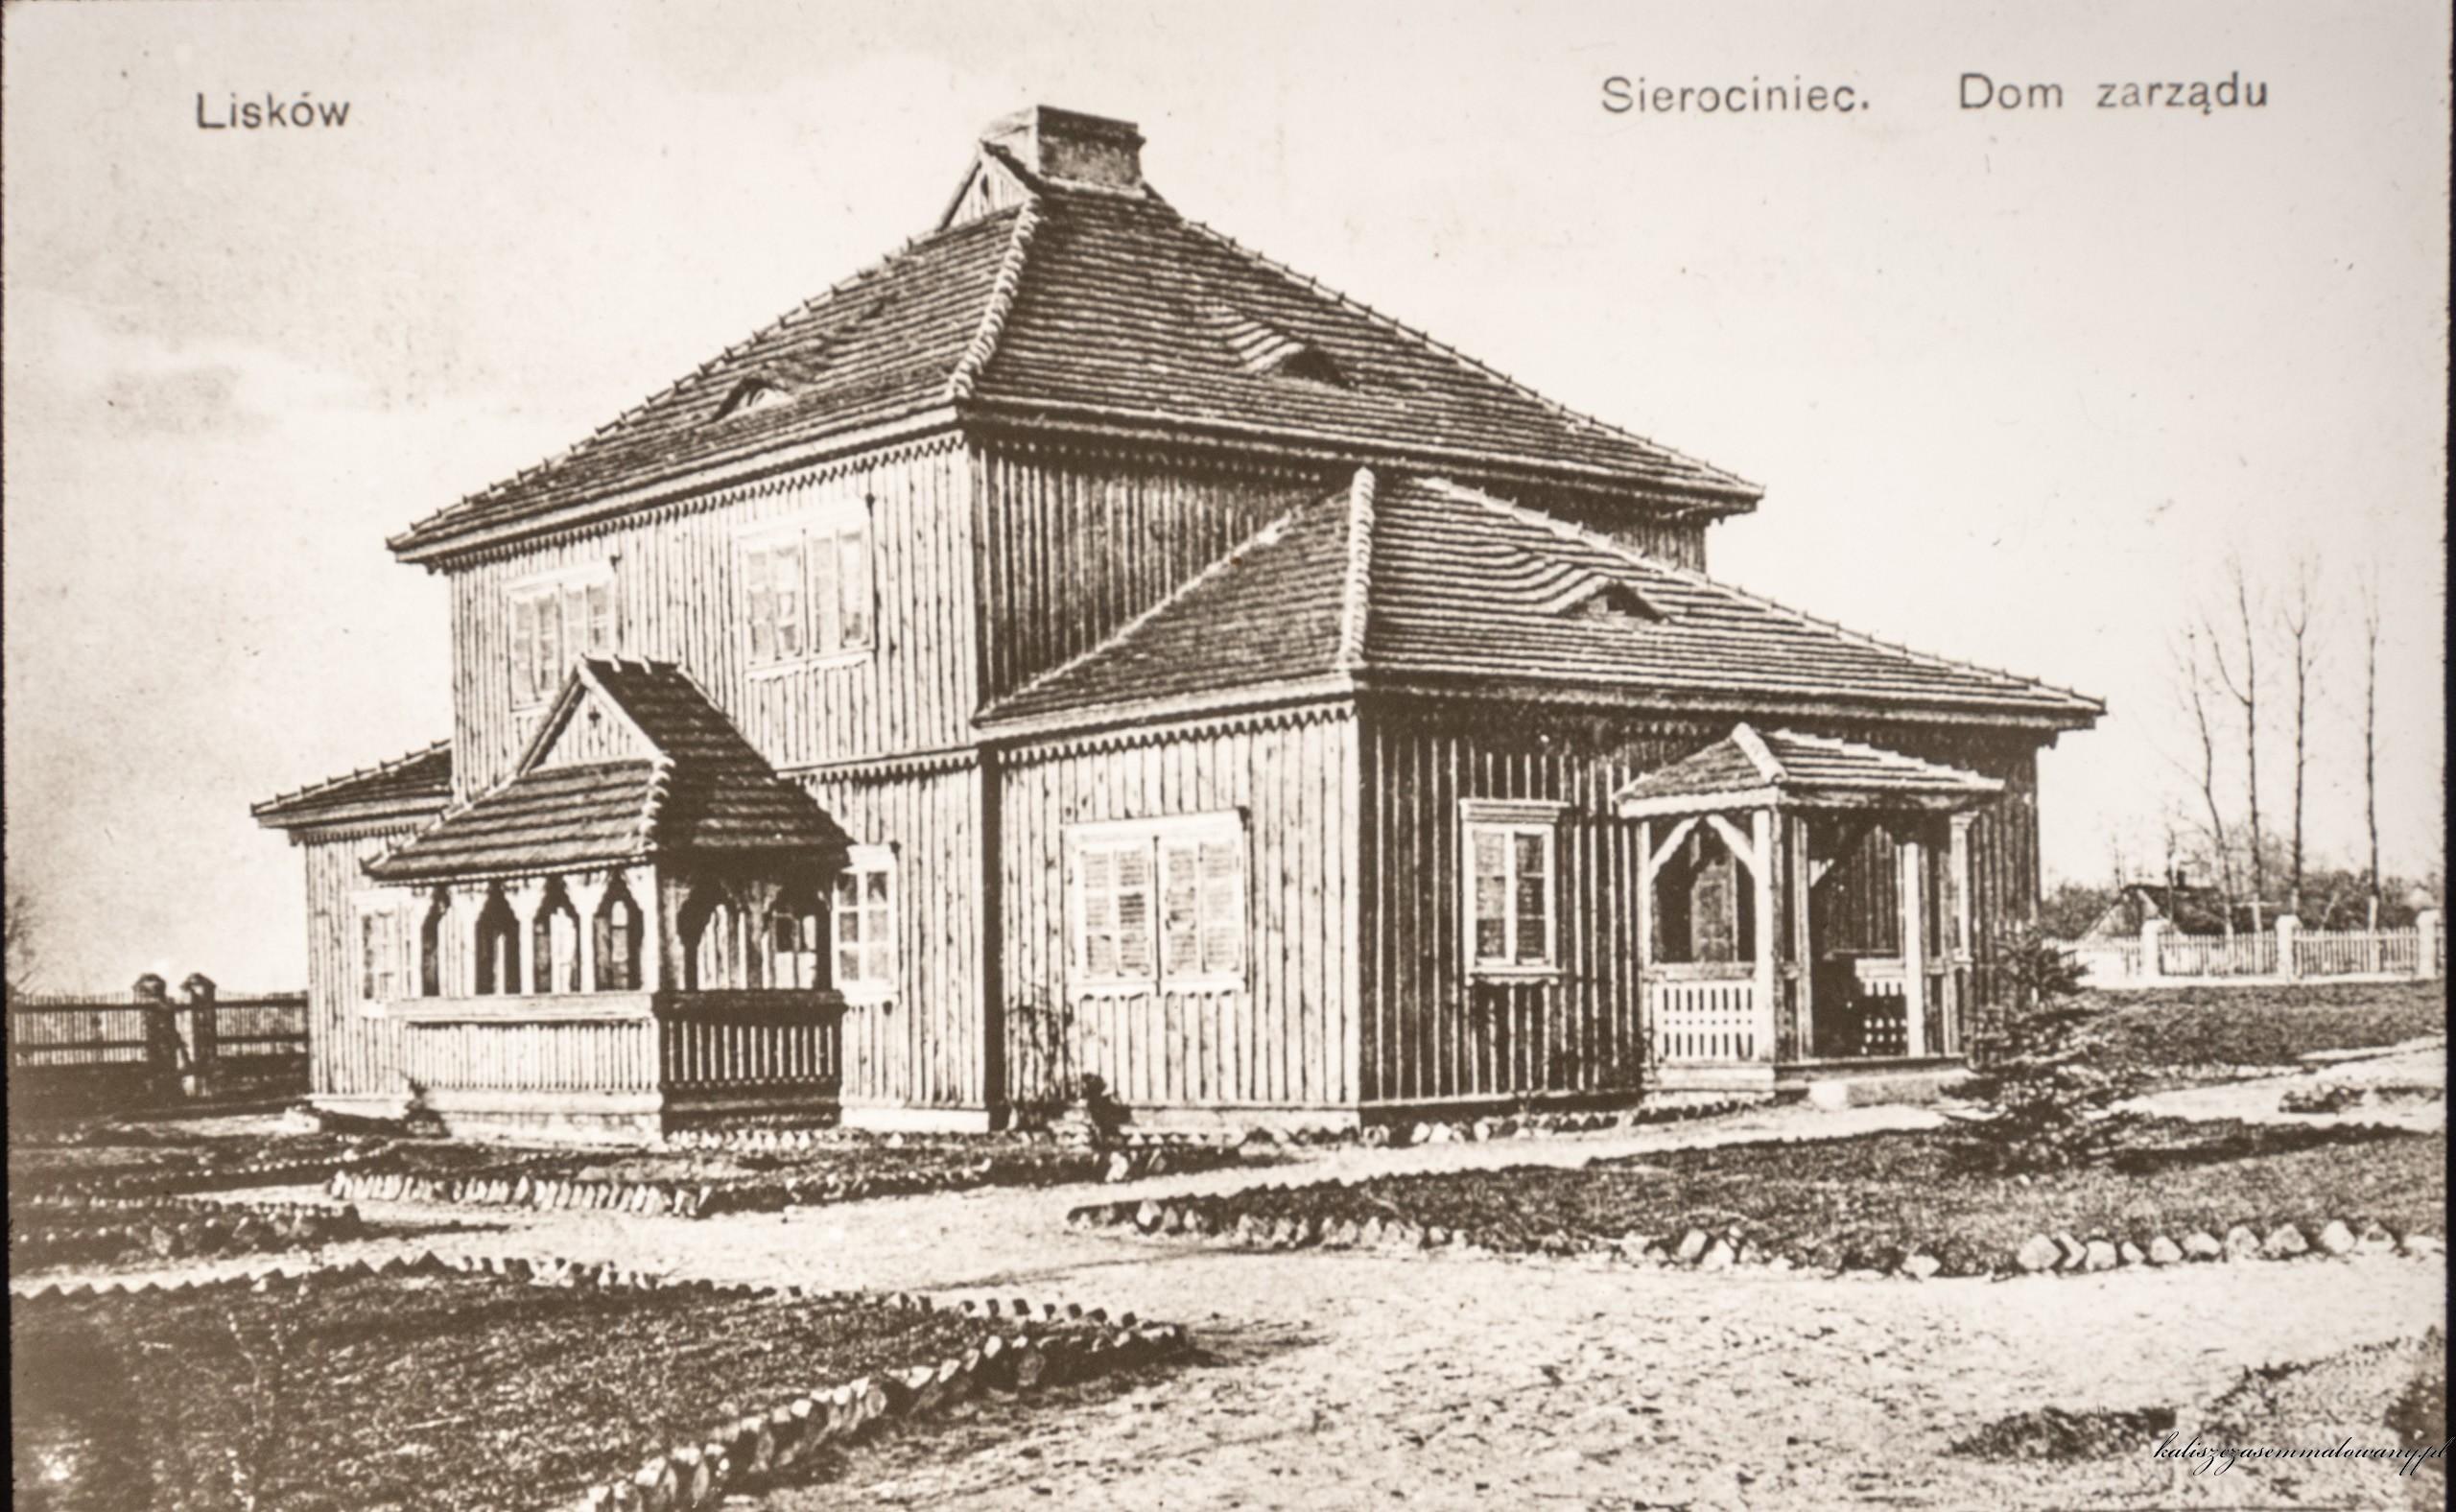 09 Liskow szierociniec dom zarzadu